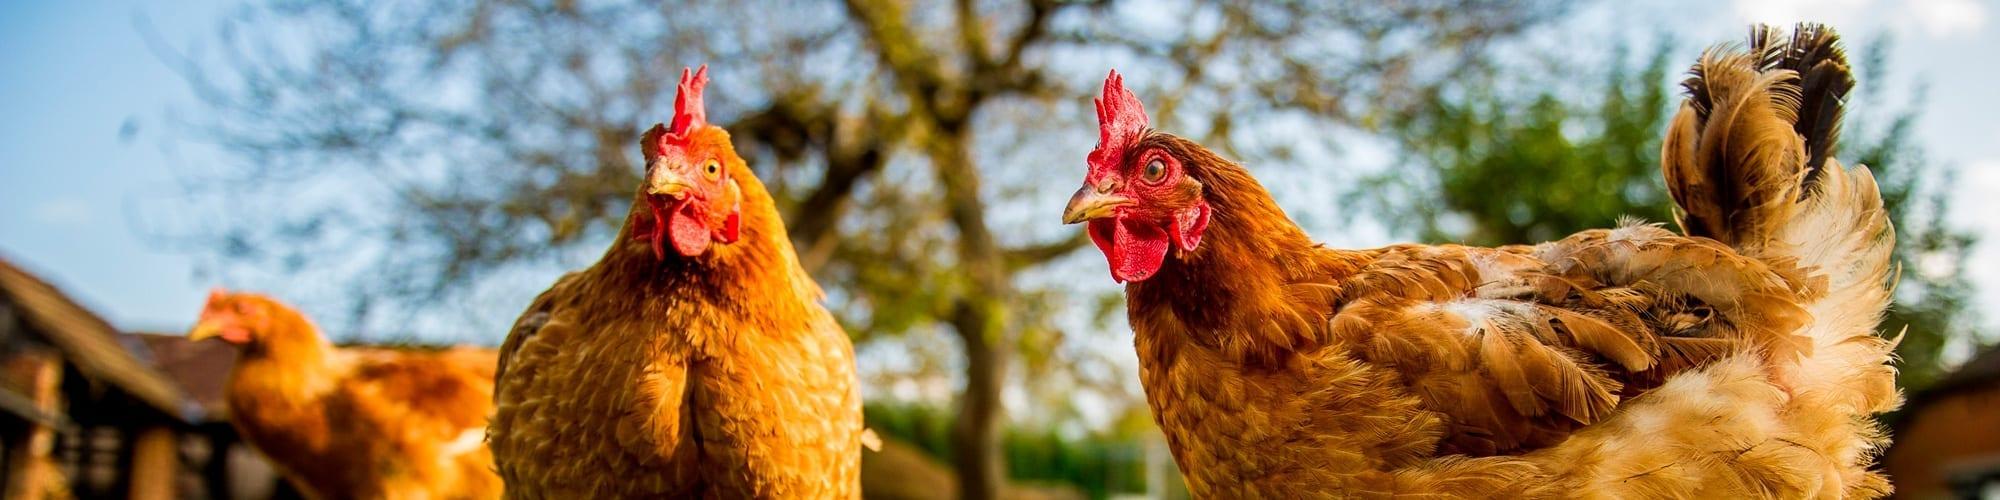 Blije Kip Biologisch ei voor dierenwelzijn